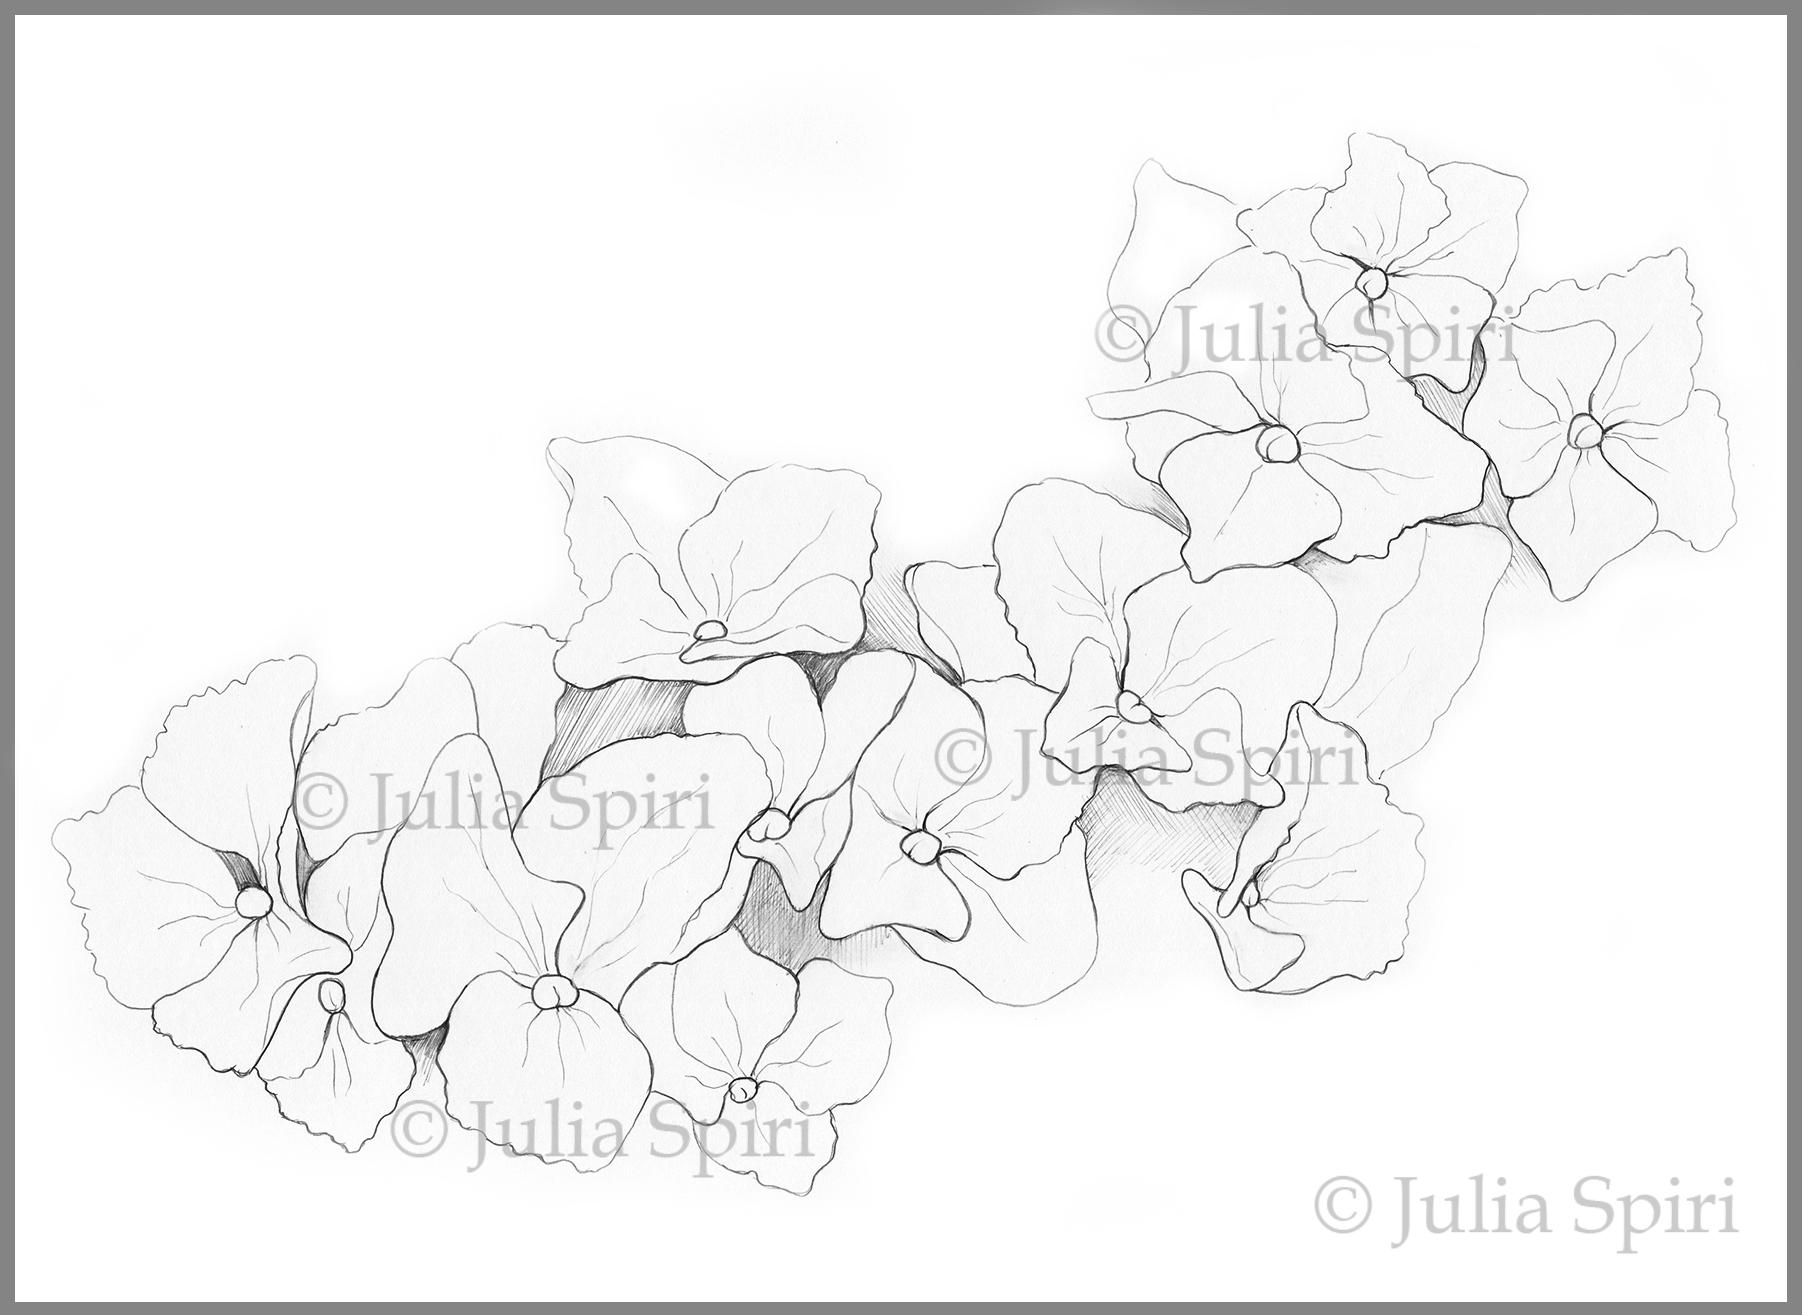 Black & White Drawing